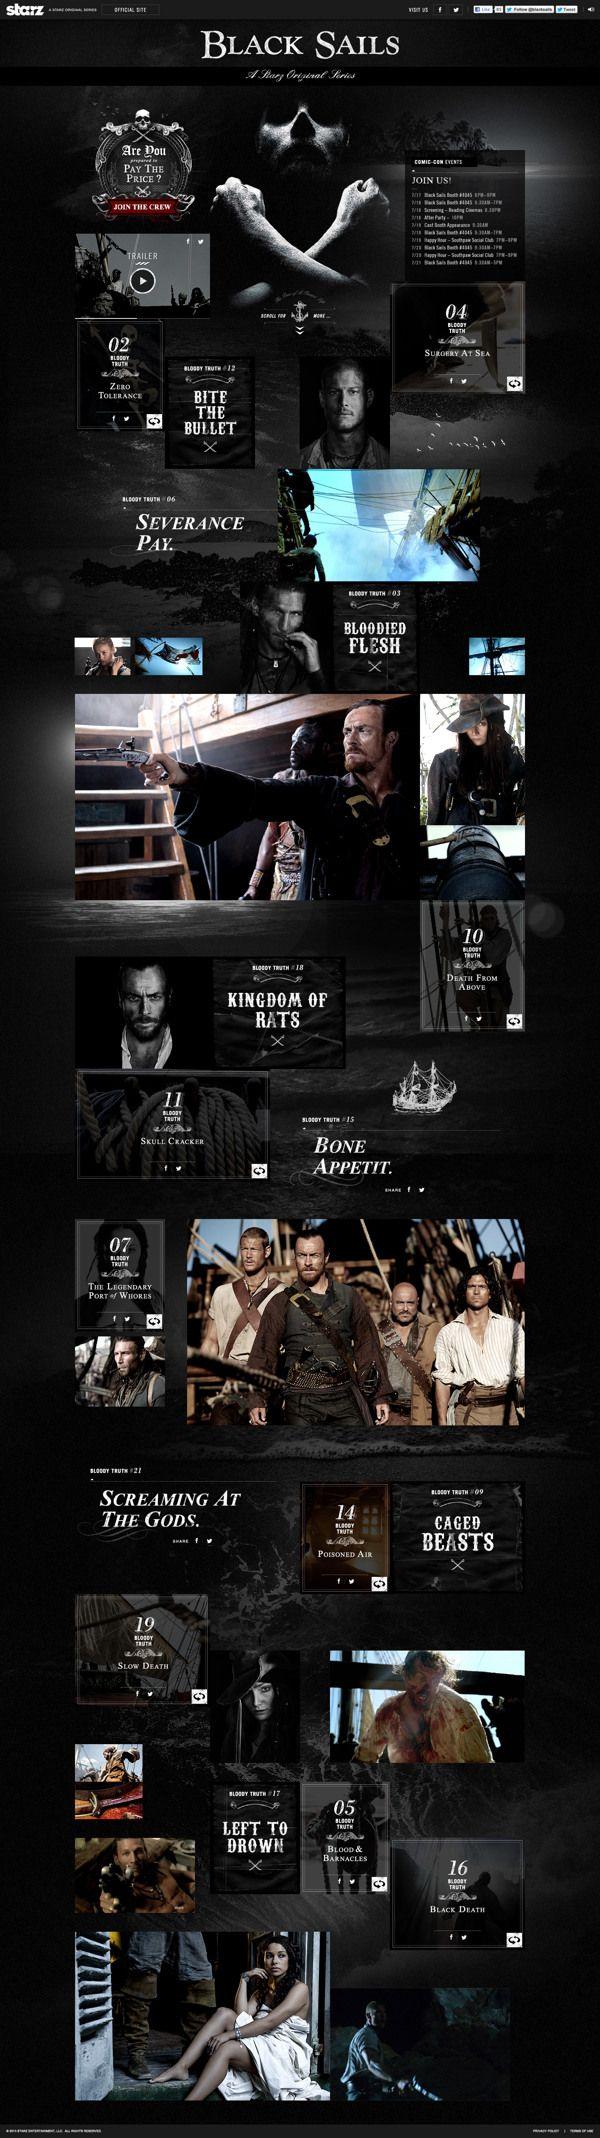 Black Sails on Web Design Served